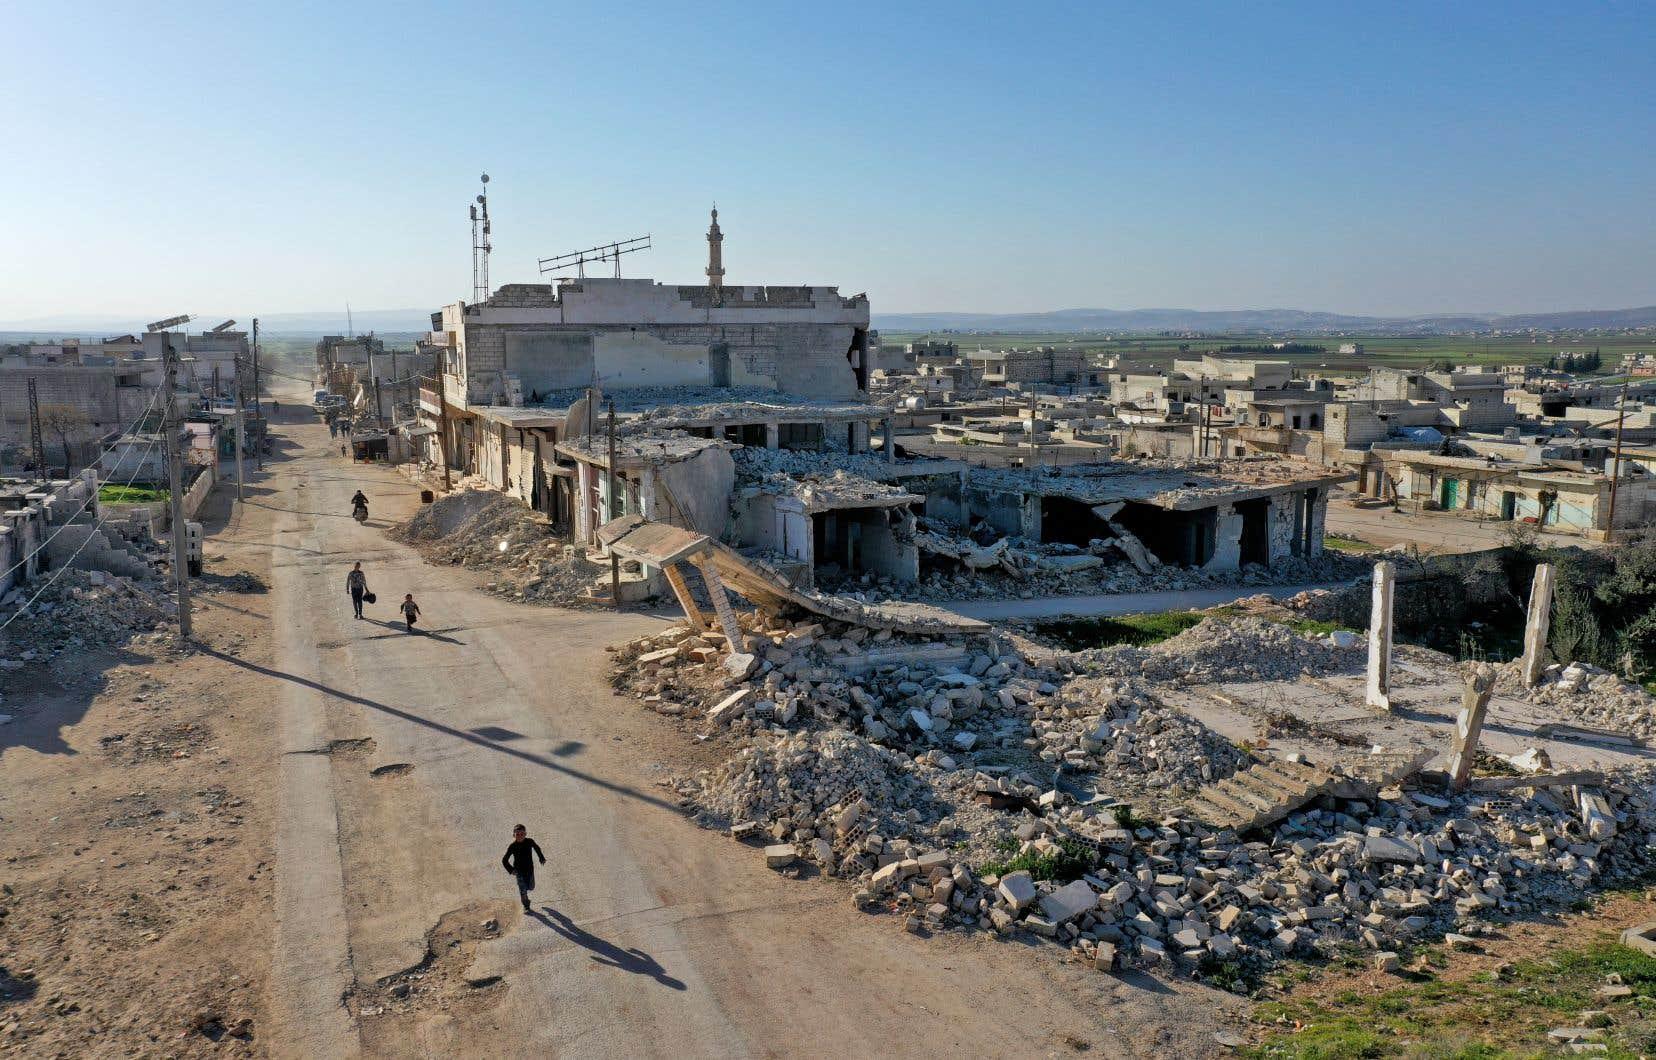 Si aujourd'hui la Syrie vit un cauchemar, les grands perdants de cette guerre sont les familles syriennes, surtout parmi les plus pauvres, ainsi que leurs habitations, écoles, hôpitaux, industries, routes, eau potable, centrales électriques et infrastructures vitales.